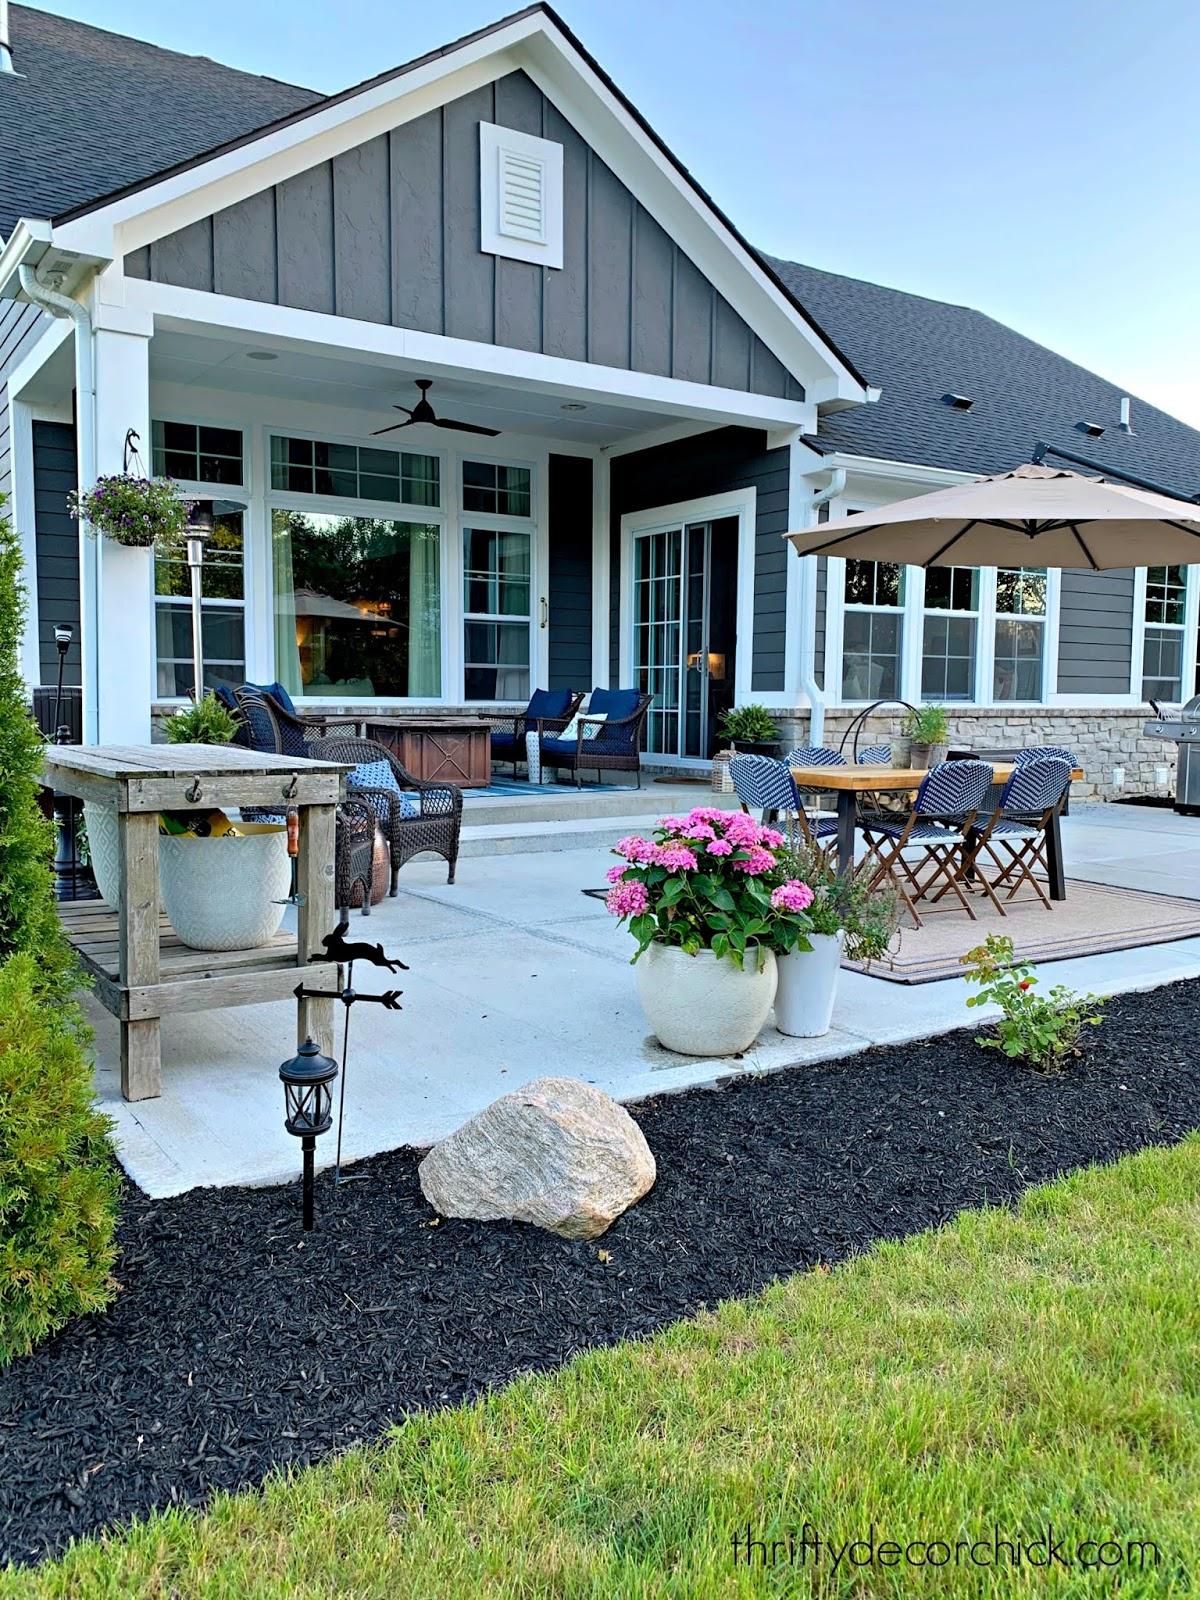 Large concrete backyard patio